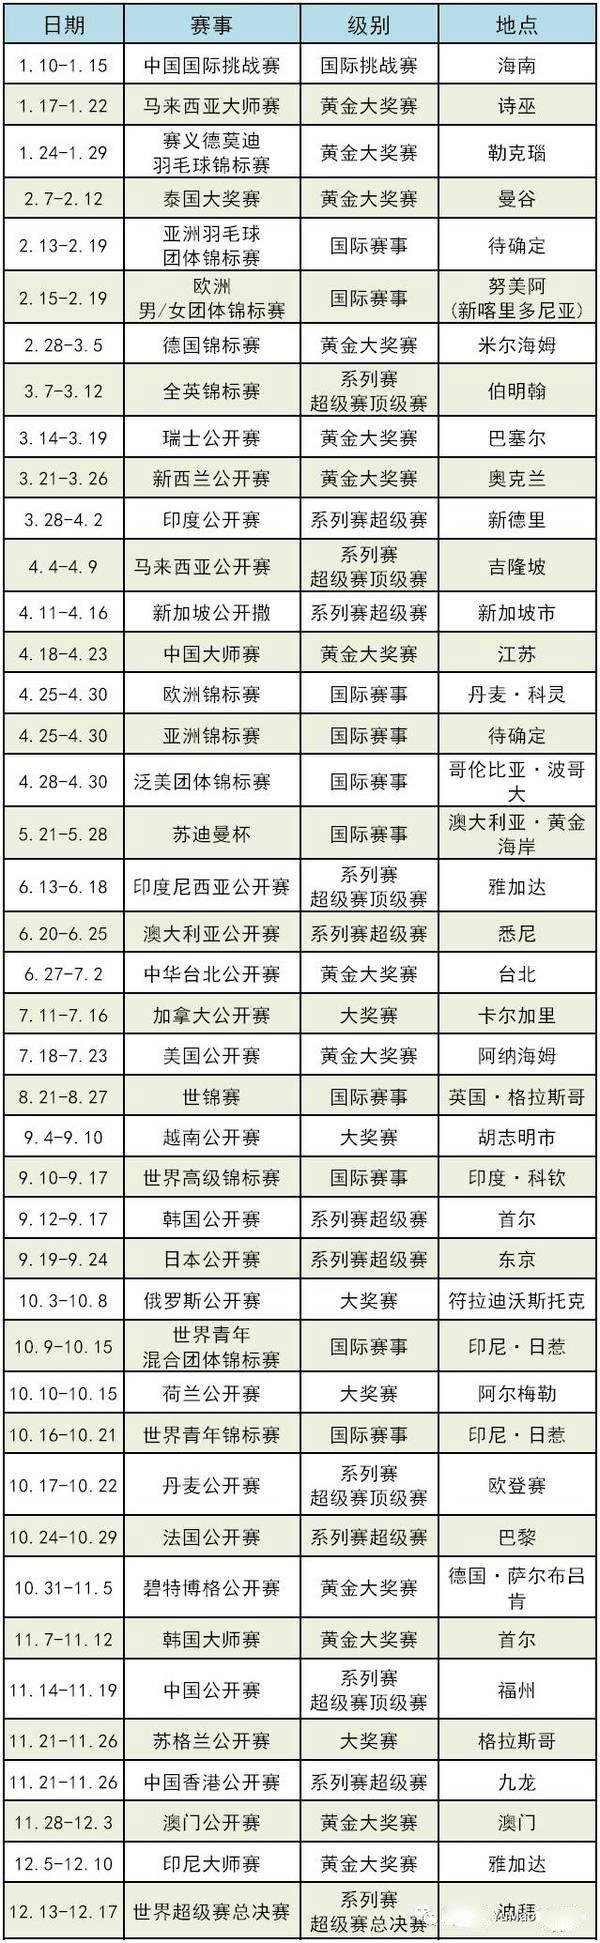 2017年羽毛球赛程表